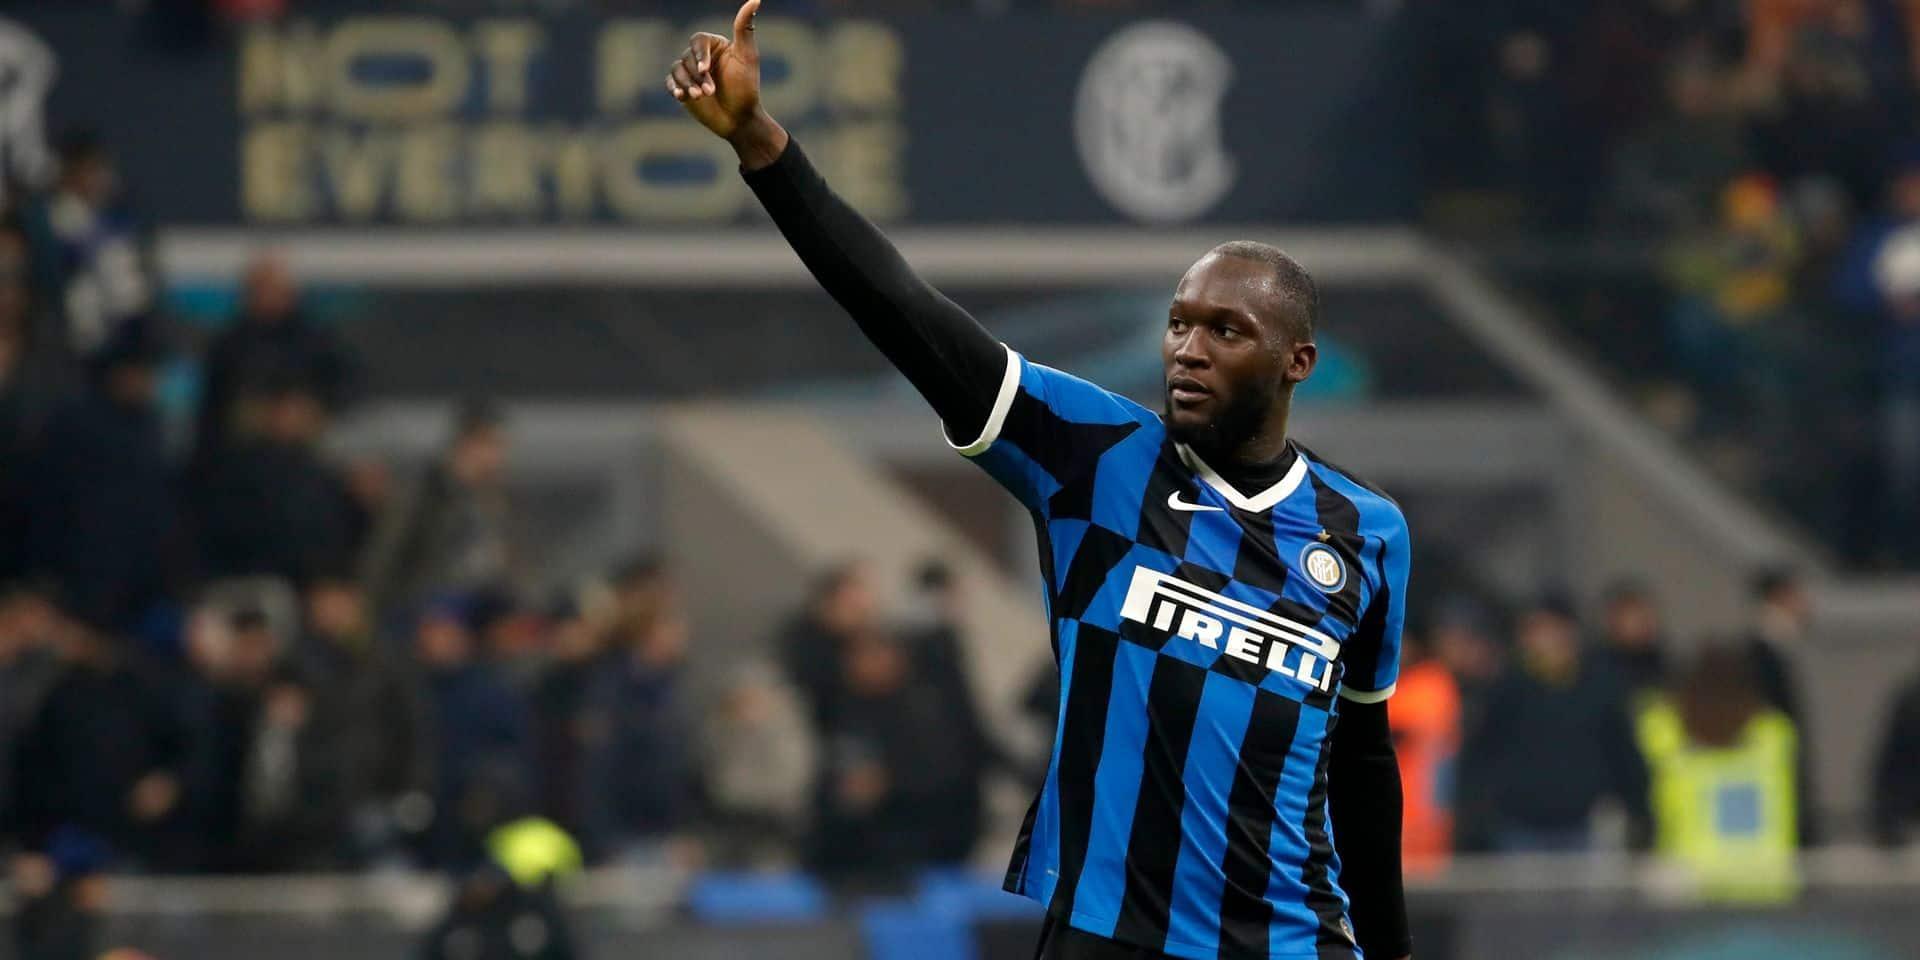 Suivez Romelu Lukaku face à Lecce sur Eleven Sports